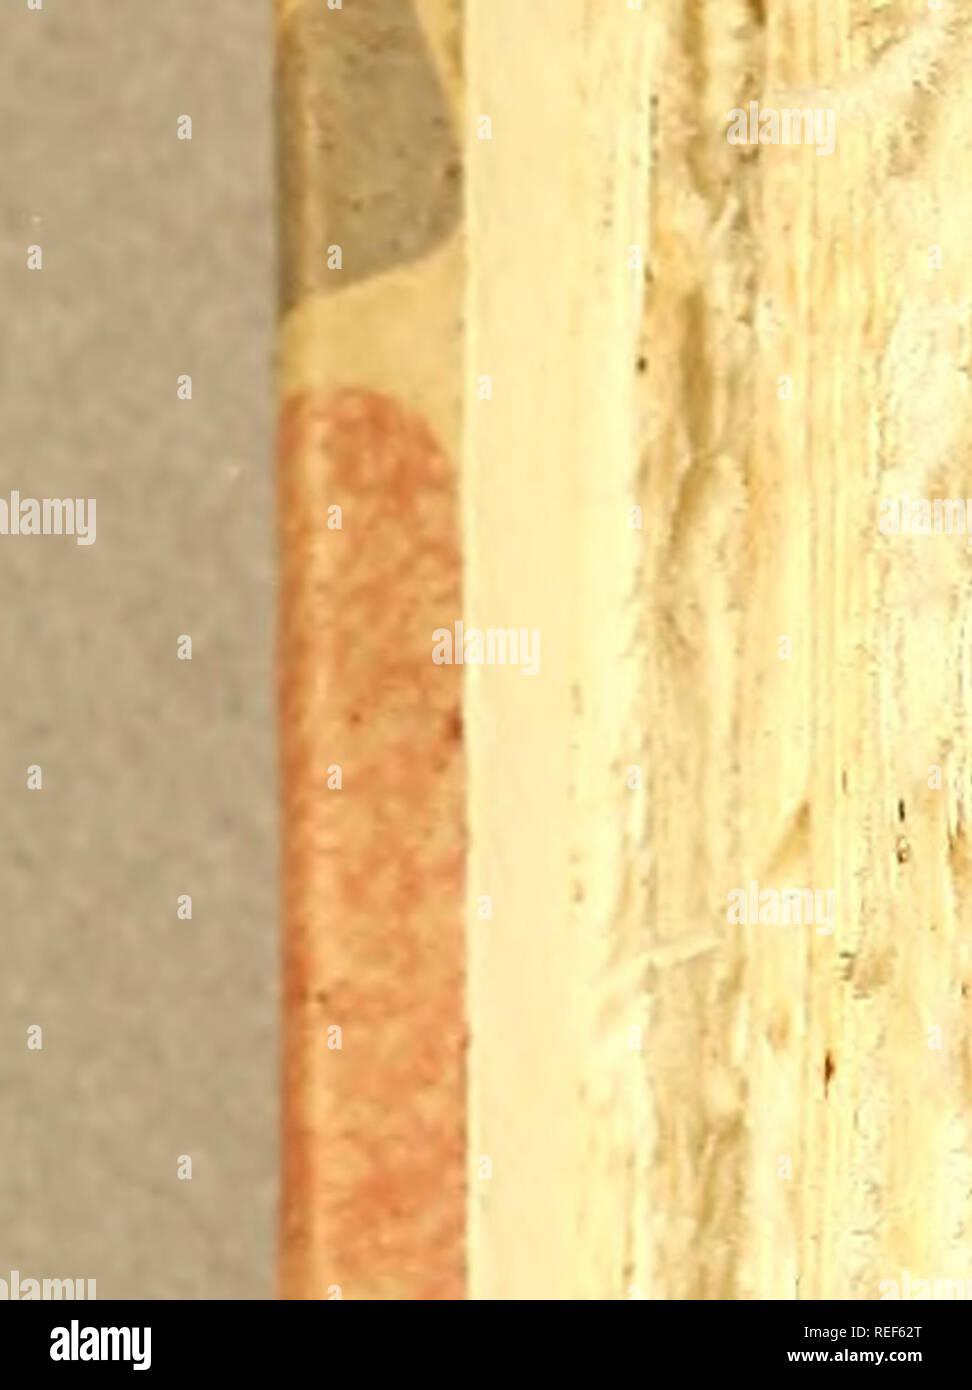 """. Compendio de observaçoens, : que fórmaõ o plano da viagem politica, e filosofica, que se deve fazer dentra da patria. Dedicado a Sua Alteza Real o Serenissimo Principe do Brasil. Natural history; Mines and mineral resources; Silk industry; Imprint 1783. no Parte Ih Çap.XVL L Obferyará : Se tem Cabeça """" ( a) Narís , Ouvidos , Olhos, ( í ) Se fe6 Inteftinos . Mollufcos , Tefta- cem ; e aqui fará averiguação fobre as Conchas' dos Vermes, e fobre os Comes. Sobre as Conchas.. Please note that these images are extracted from scanned page images that may have been digitally enhanced for readability - Stock Image"""